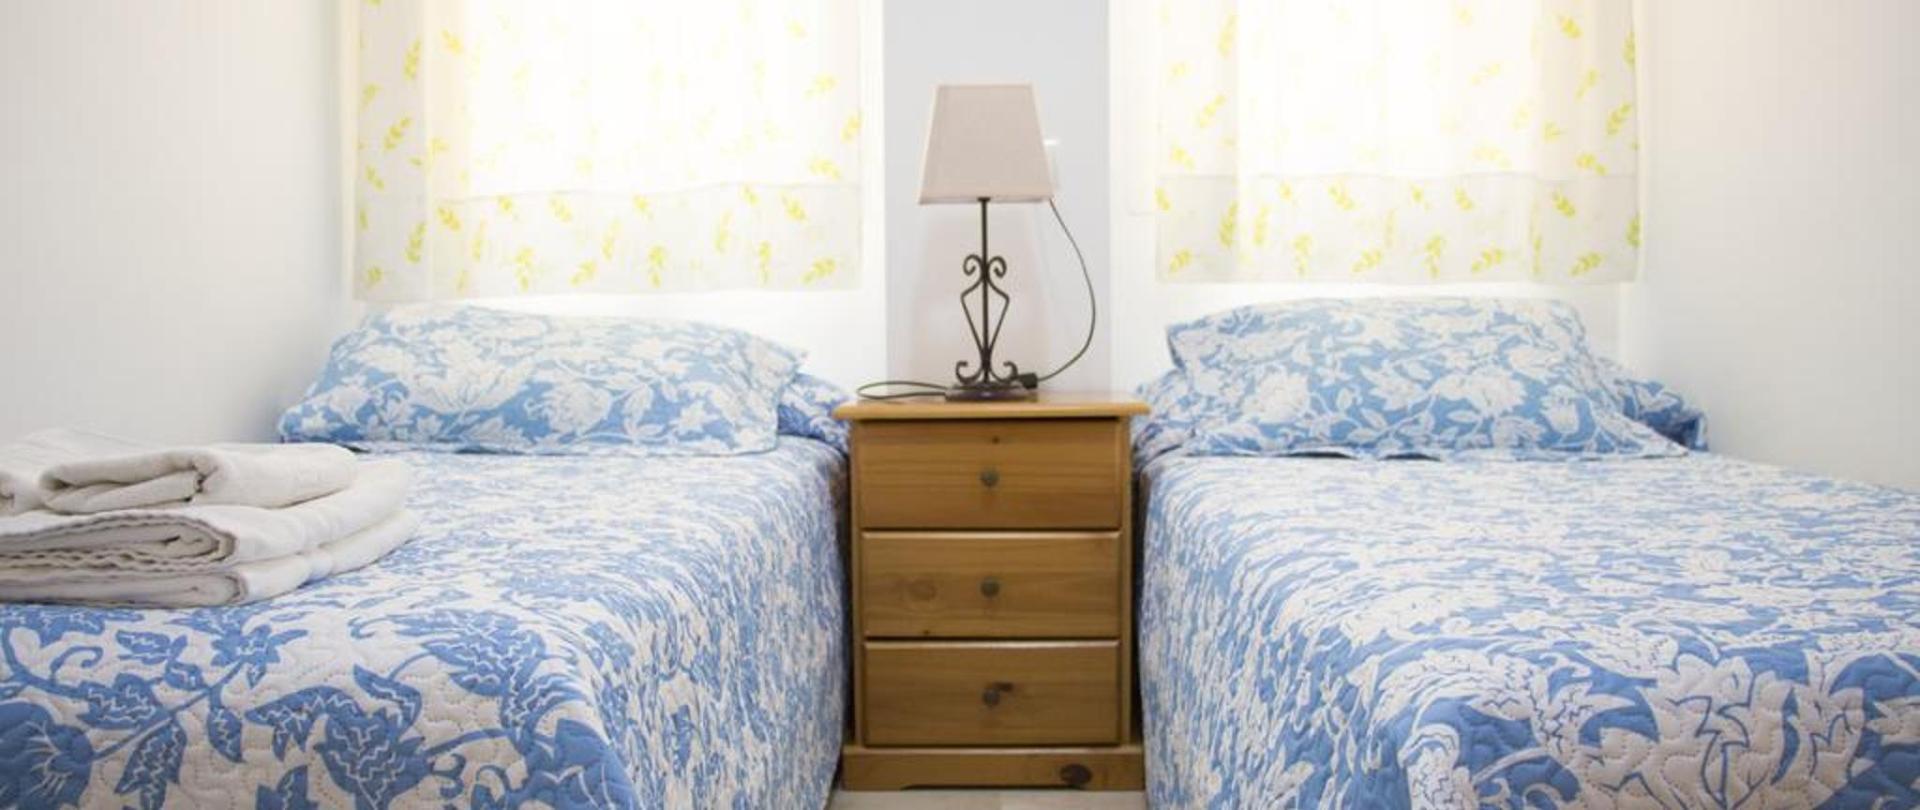 dormitorio3.png